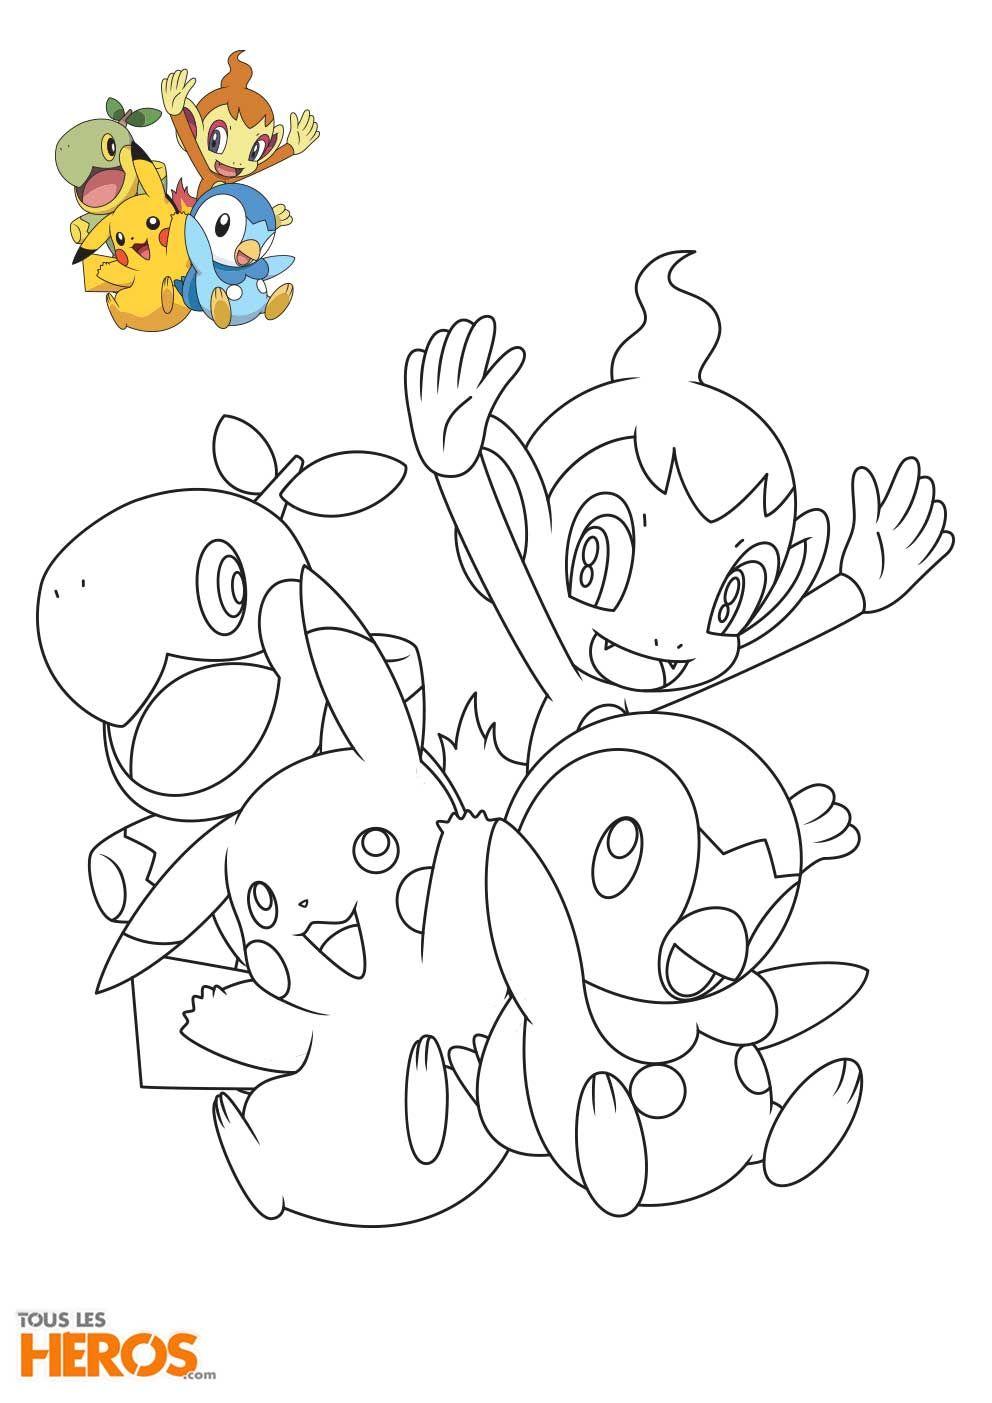 Coloriages Pokémon À Imprimer Gratuitement Avec Le Blog De concernant Coloriage De Pokémon Gratuit